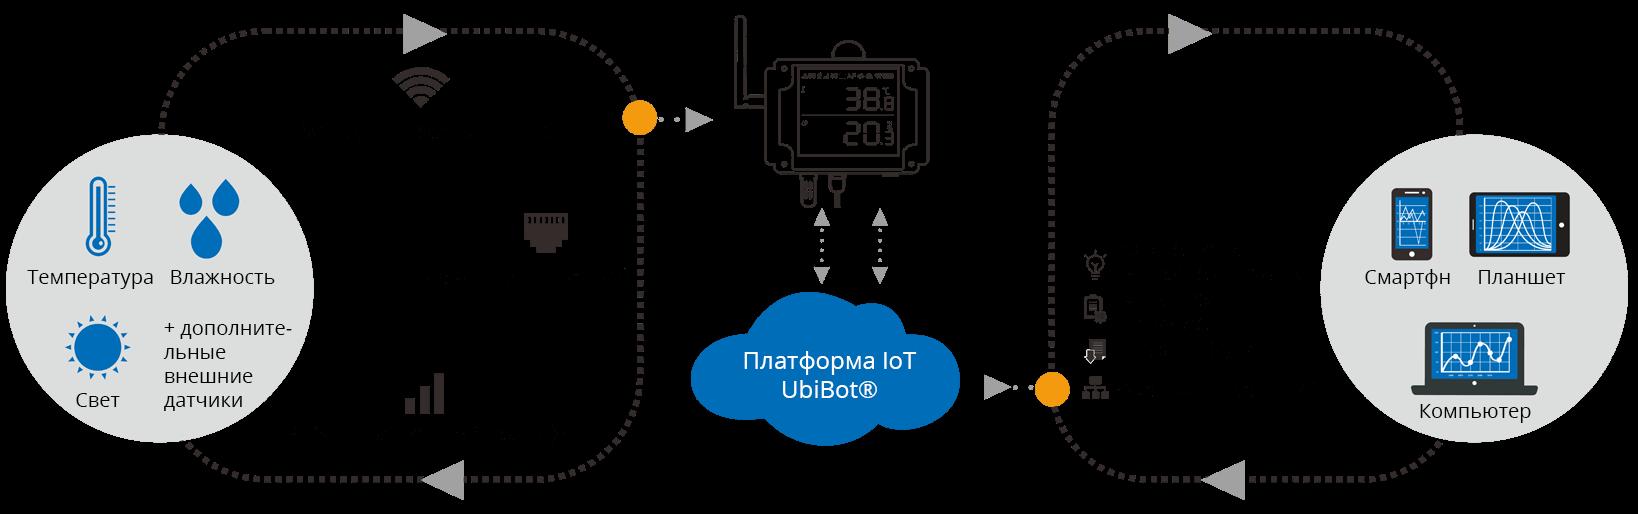 Передача данных измерений на платформу